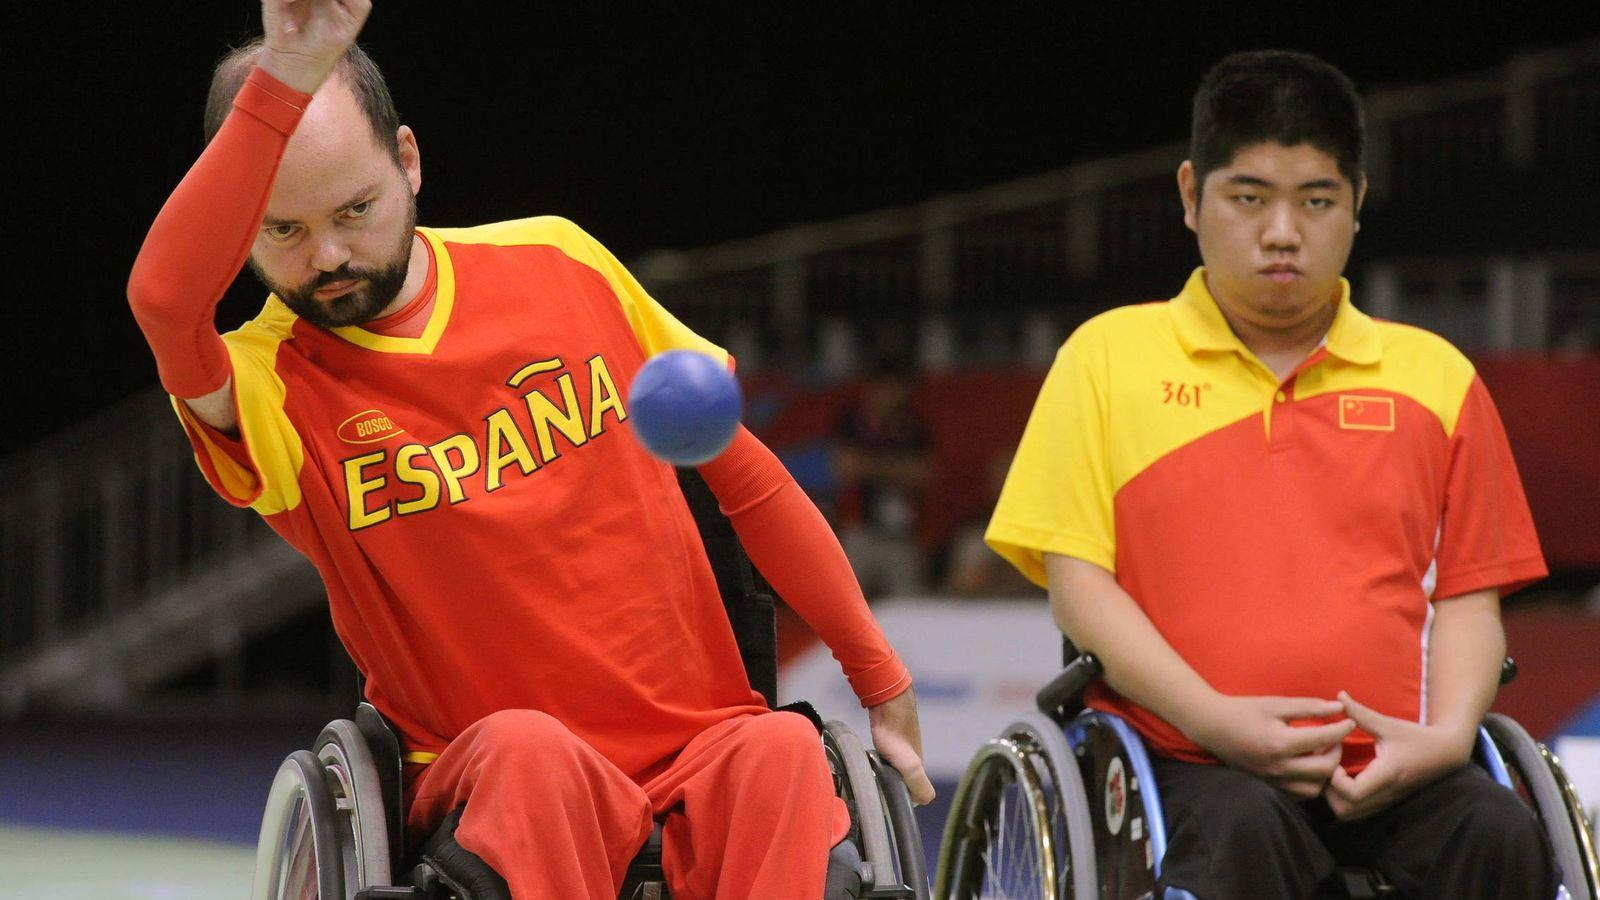 Juegos paral mpicos as es la boccia el deporte del pobrecito que est en una silla de ruedas - Deportes en silla de ruedas ...